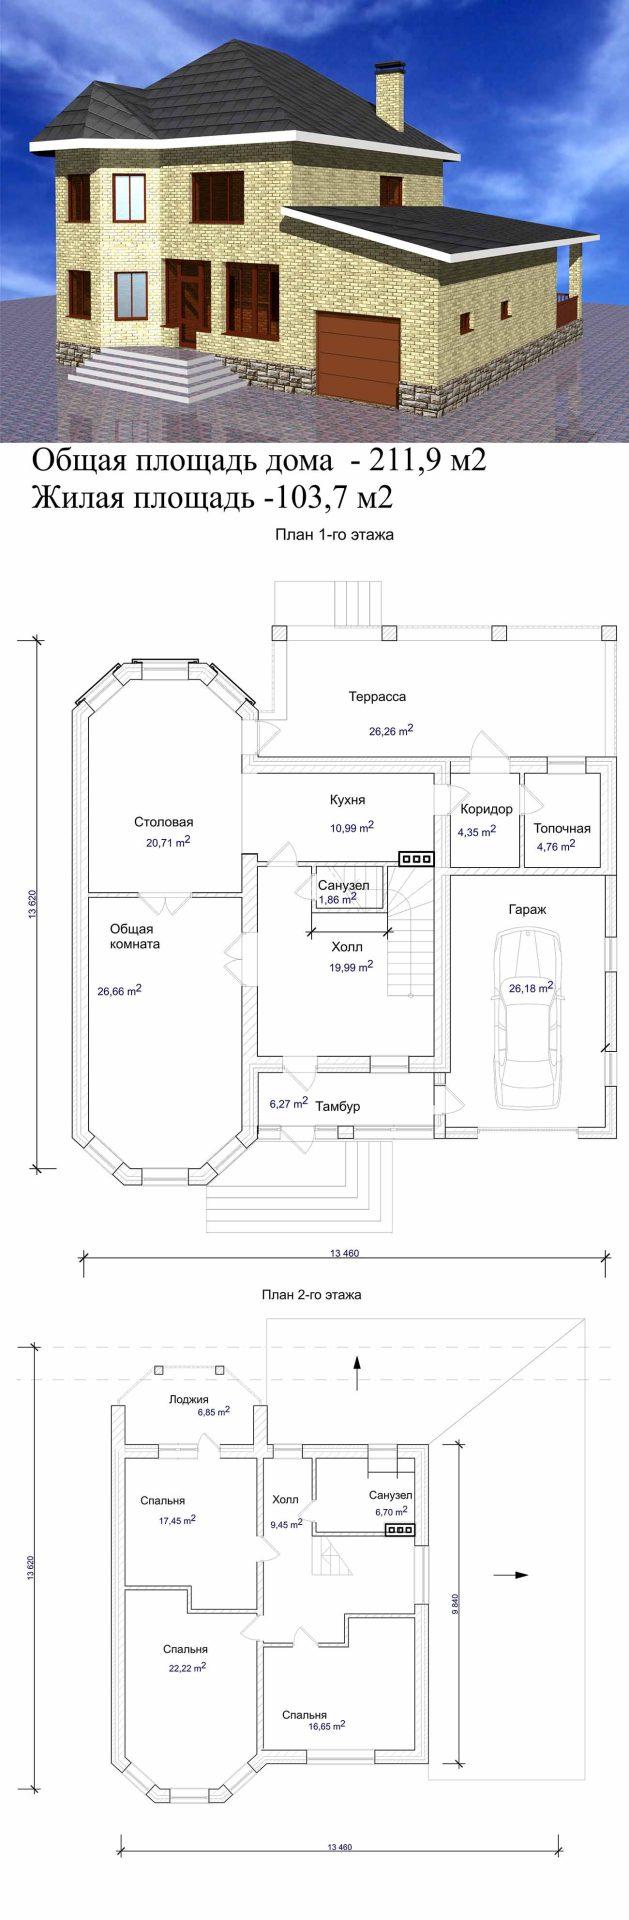 Проект двухэтажного дома до 250 м2 с гаражом